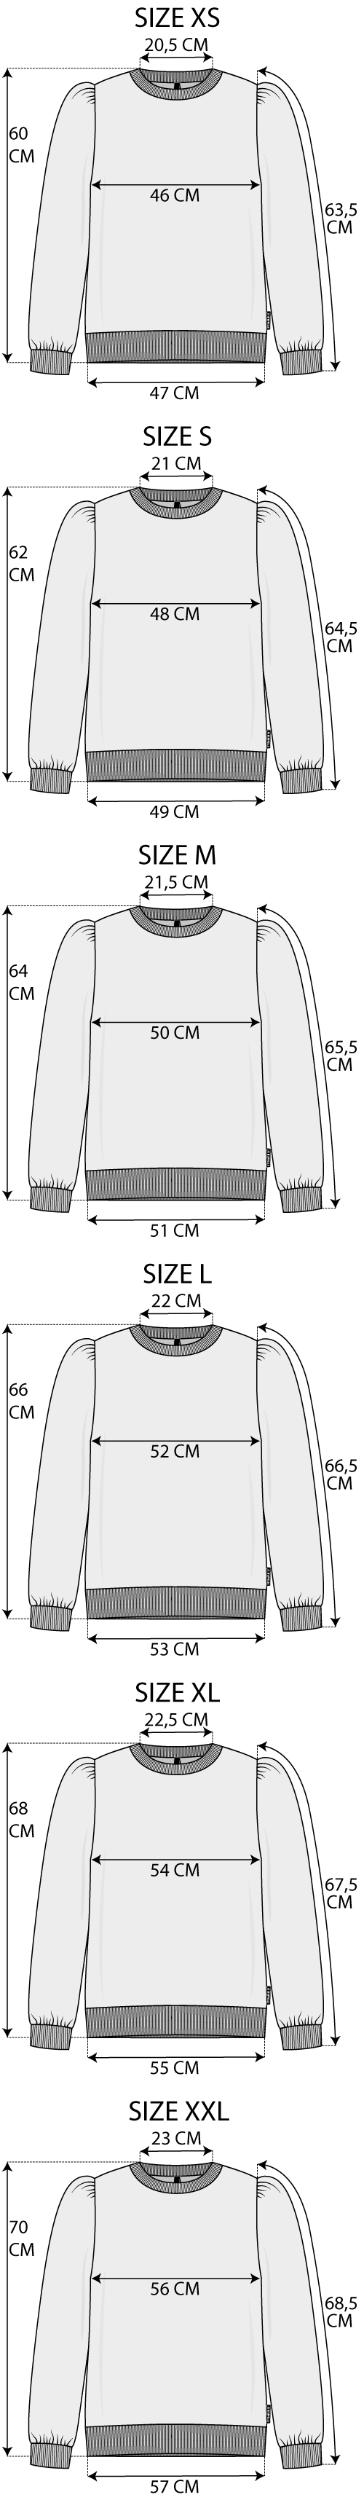 Maattabel Sweater